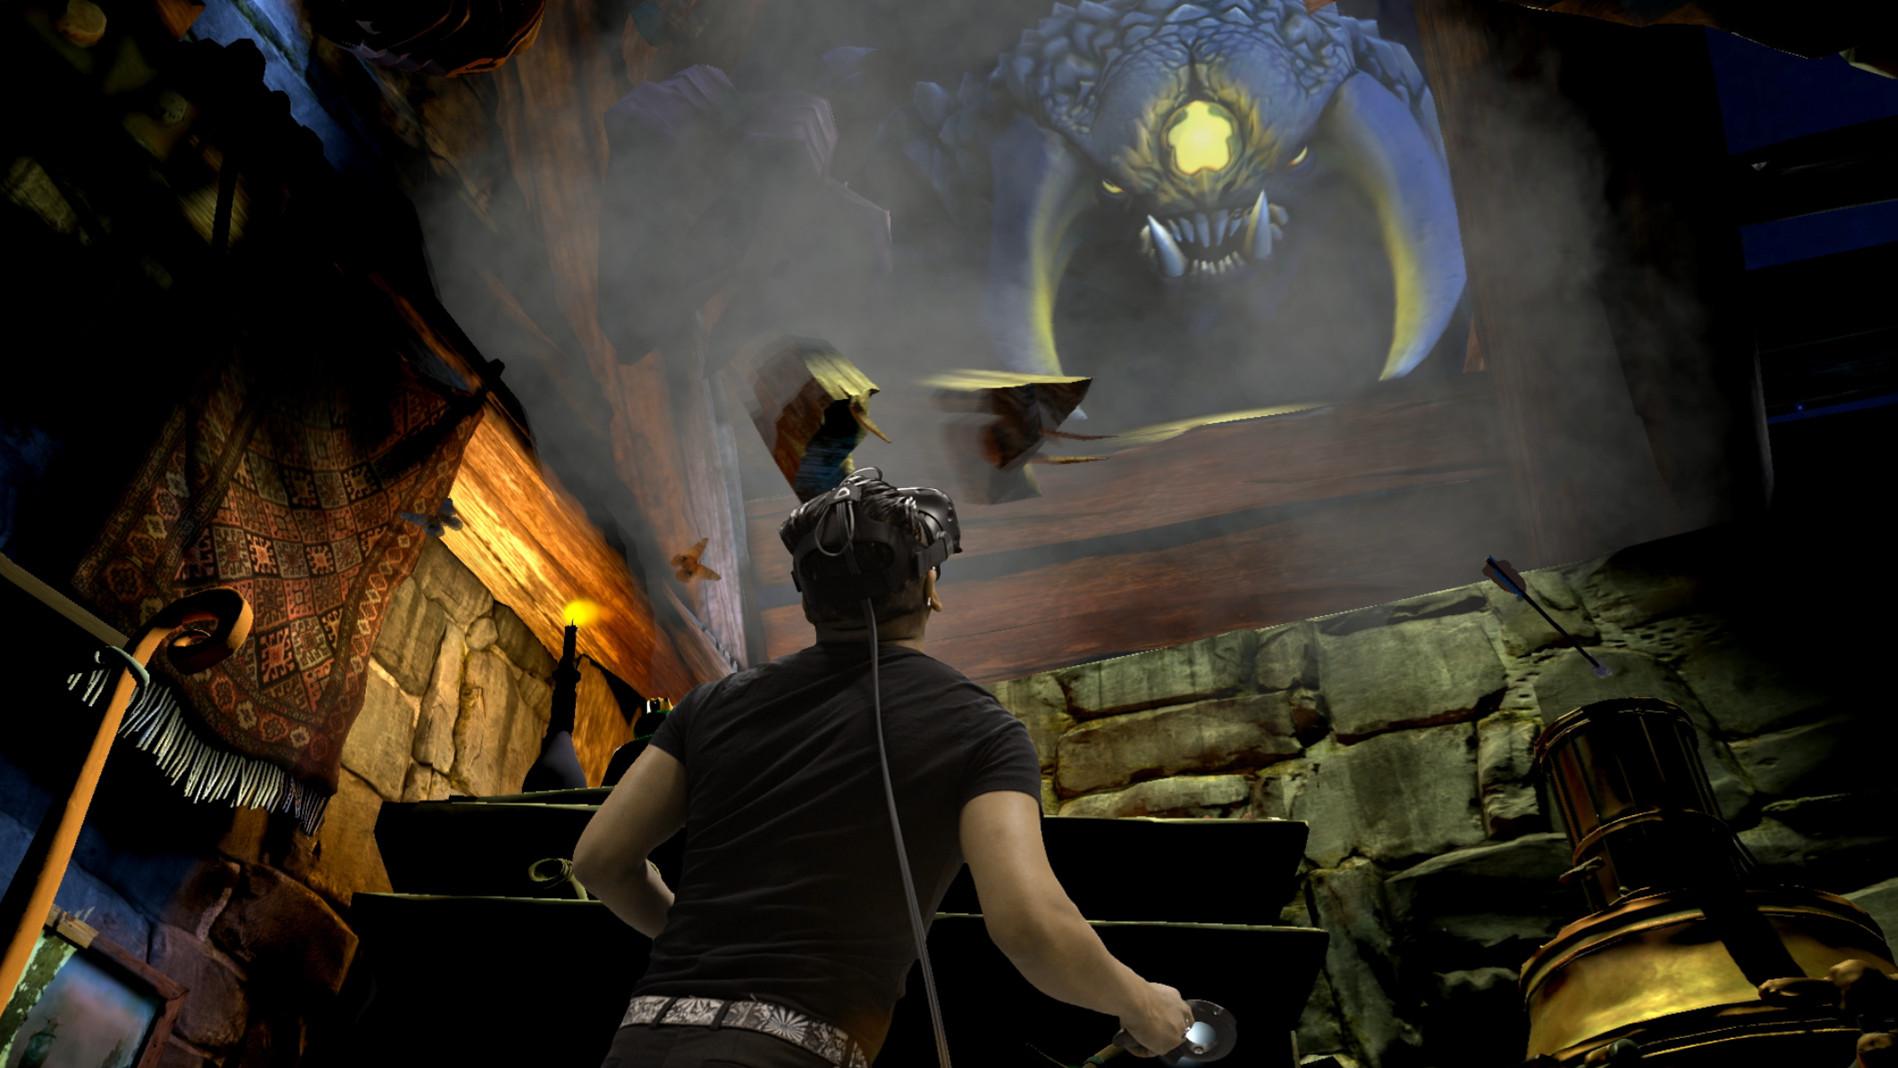 Spielszene aus The Lab. Das erste VR-Spiel von Valve aus 2016, das auch veröffentlicht worden ist. (Bild: Valve)